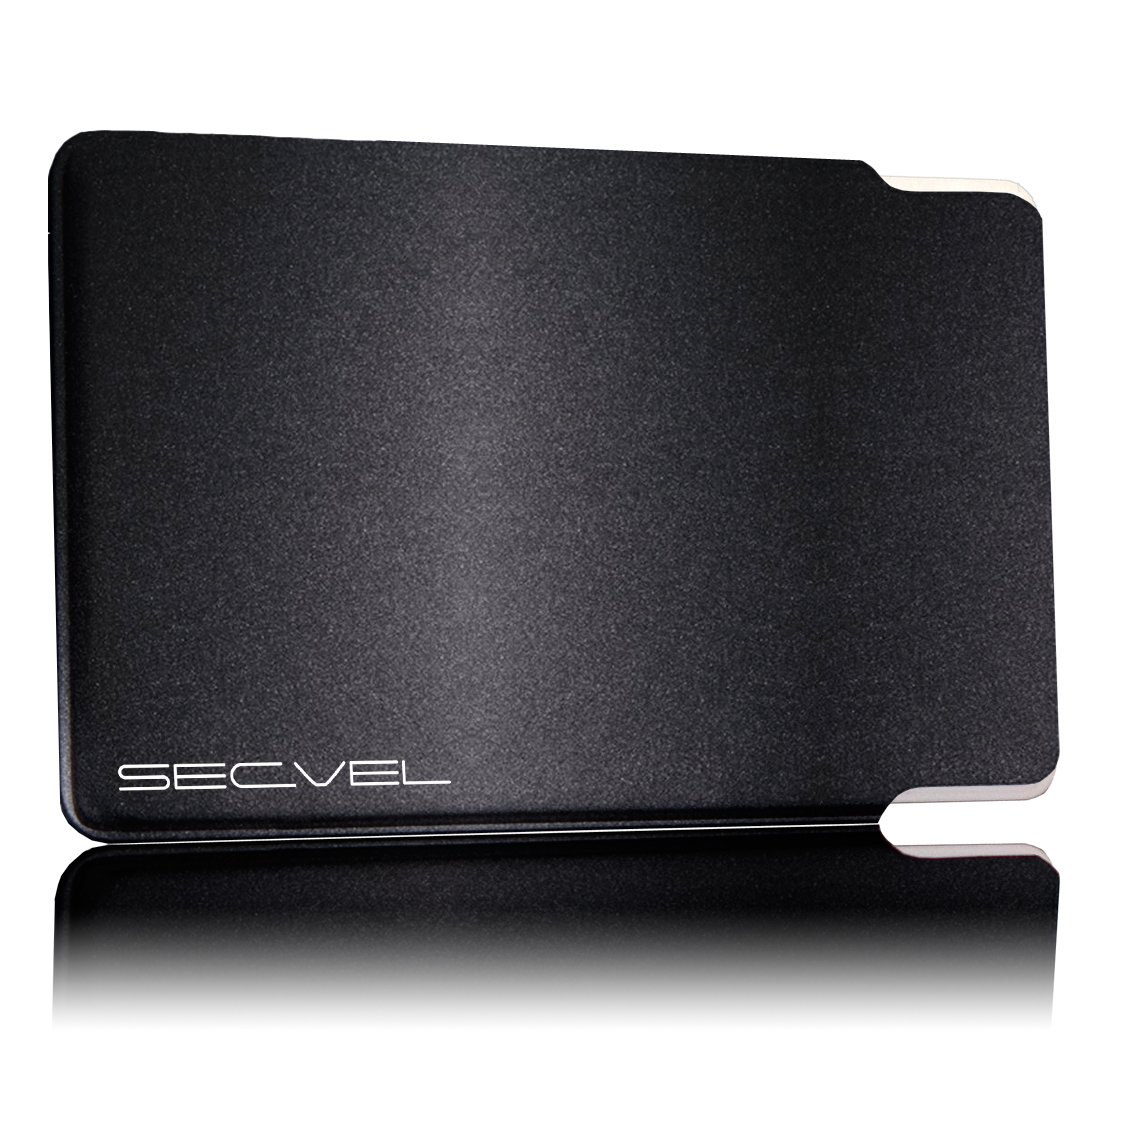 protection RFID//NFC et champs magn/étiques SECVEL Quattro Silver LeNOUVEAU et AME/´LIORE/´ /Étui de carte bancaire premium edition